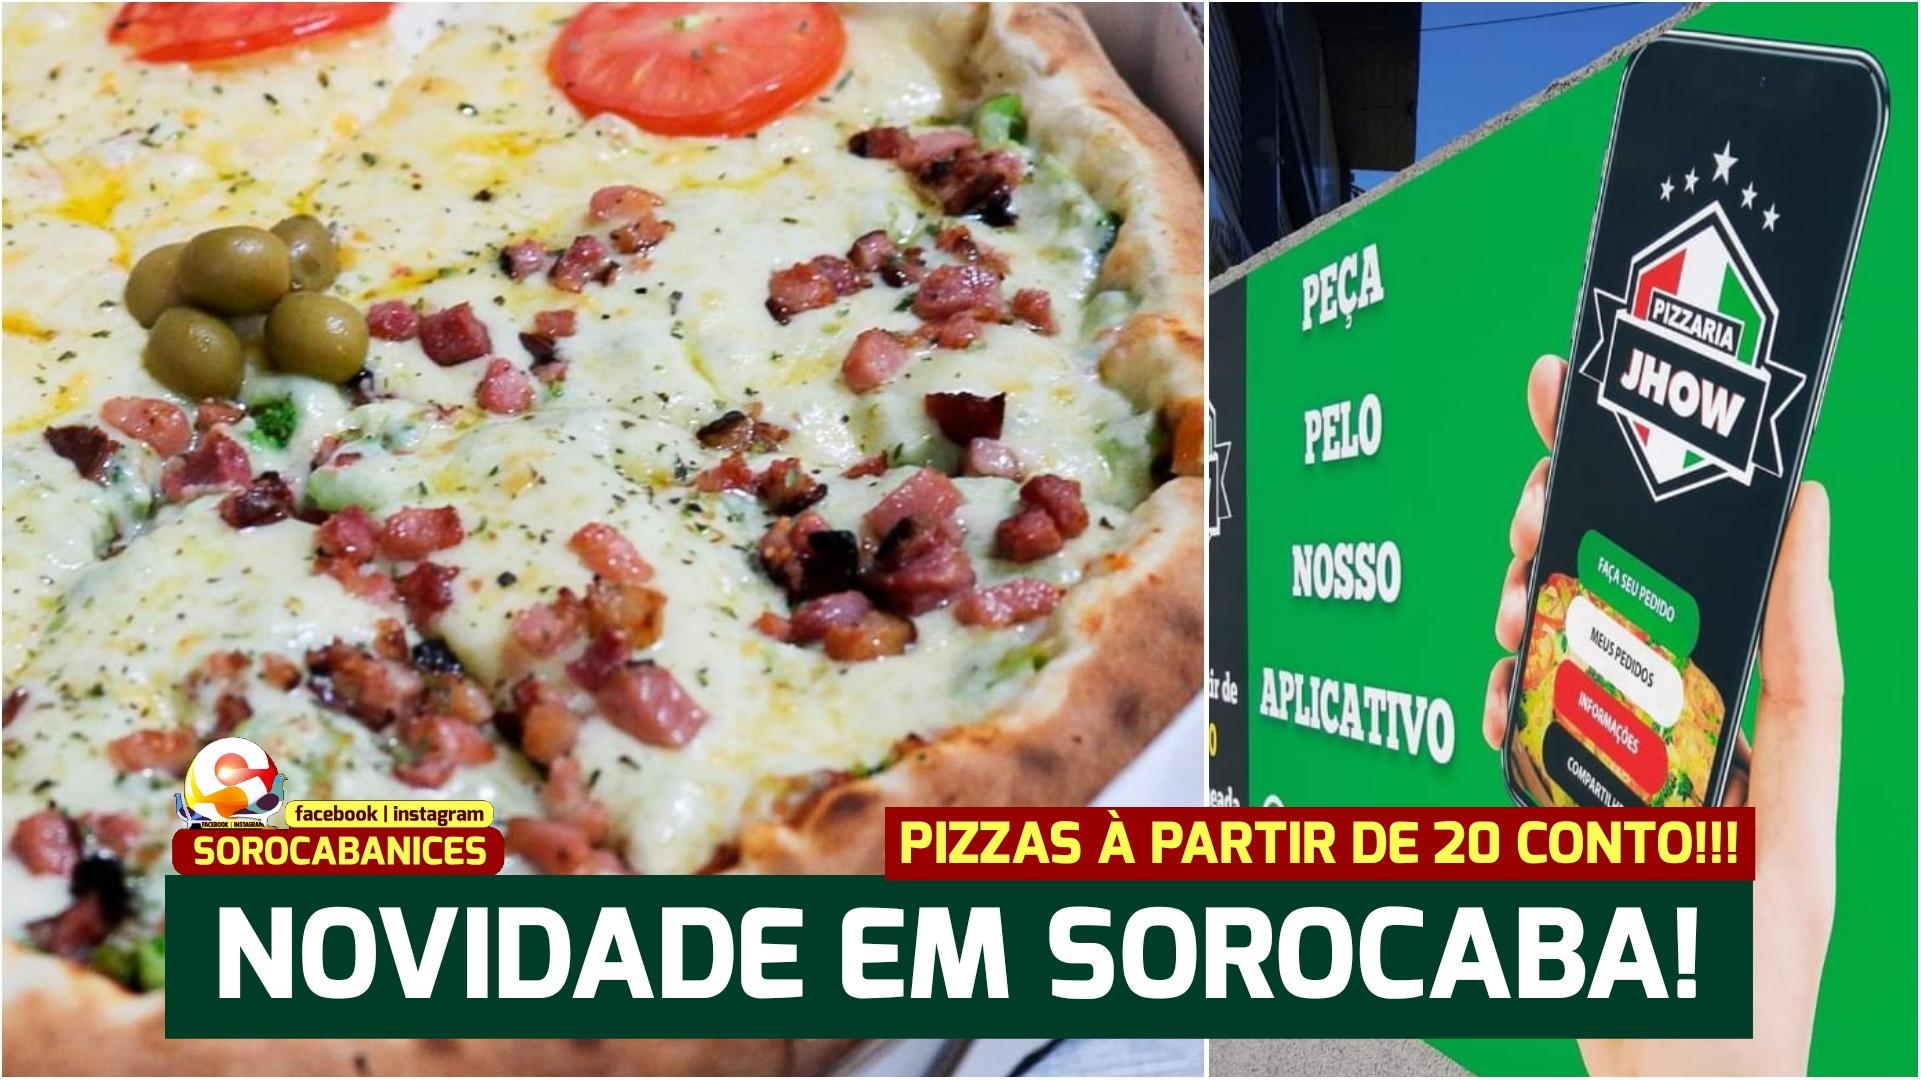 Pizzaria inaugura em Sorocaba com pizzas à partir de R$20 e opção de recheio em dobro